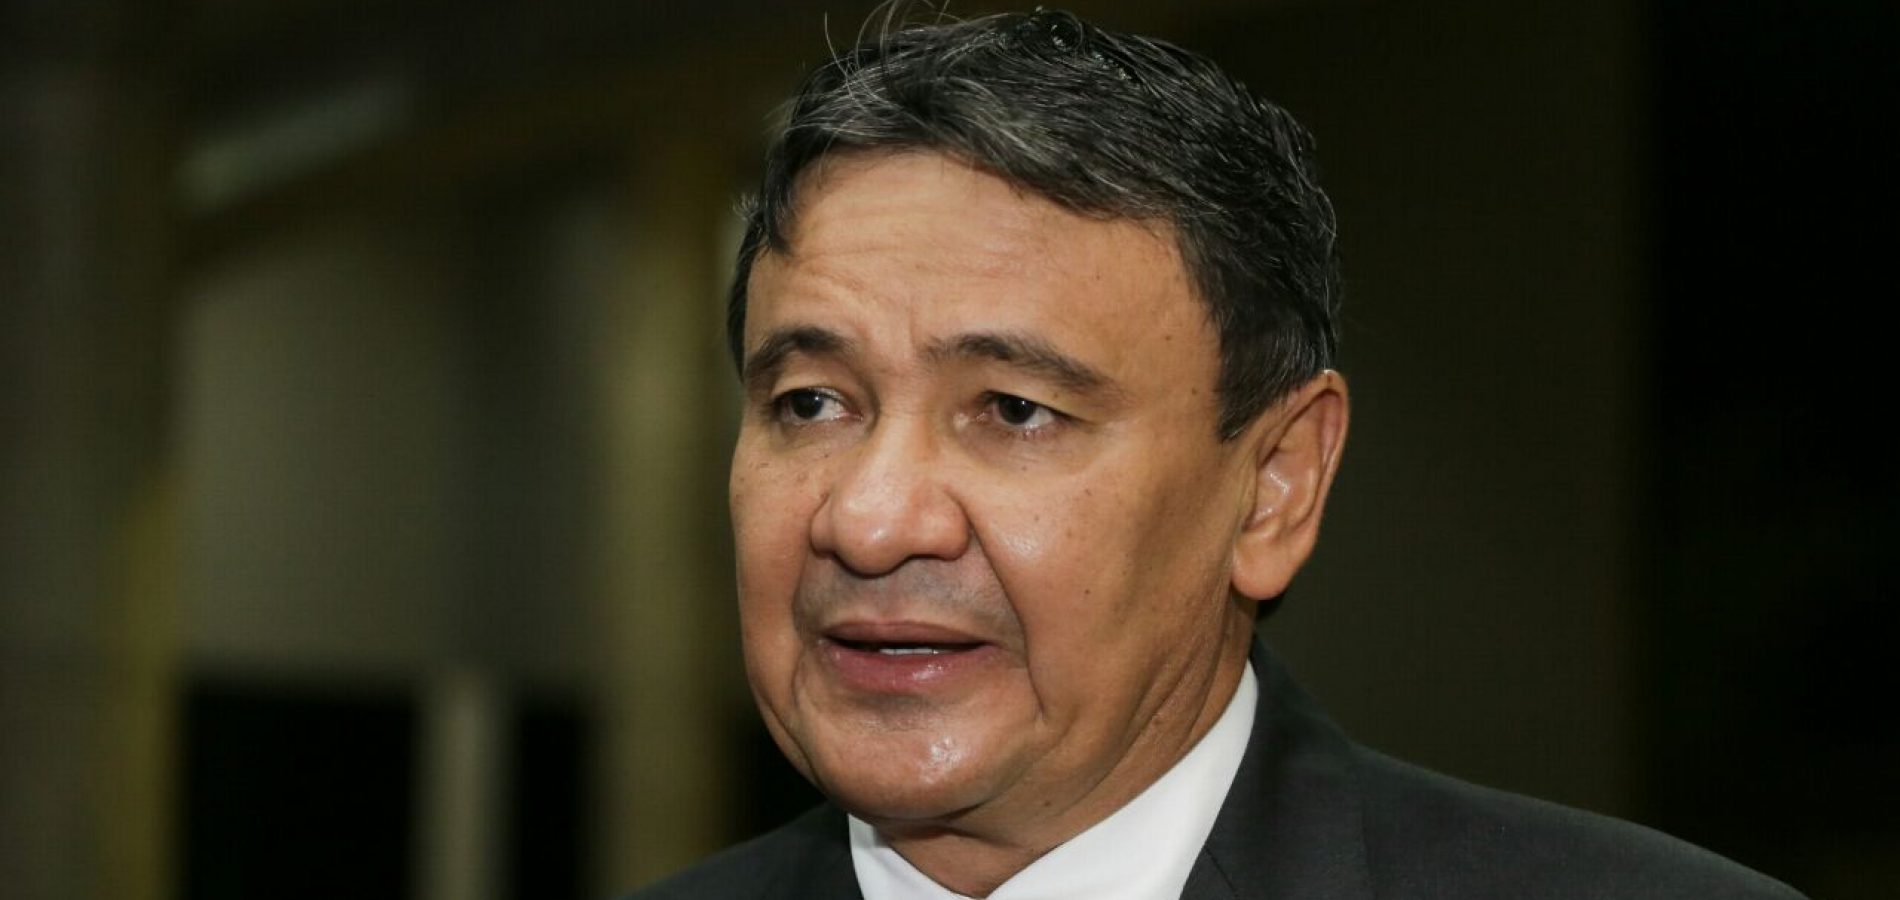 Governador condena decisão que obriga PM a aceitar policiais reprovados em teste